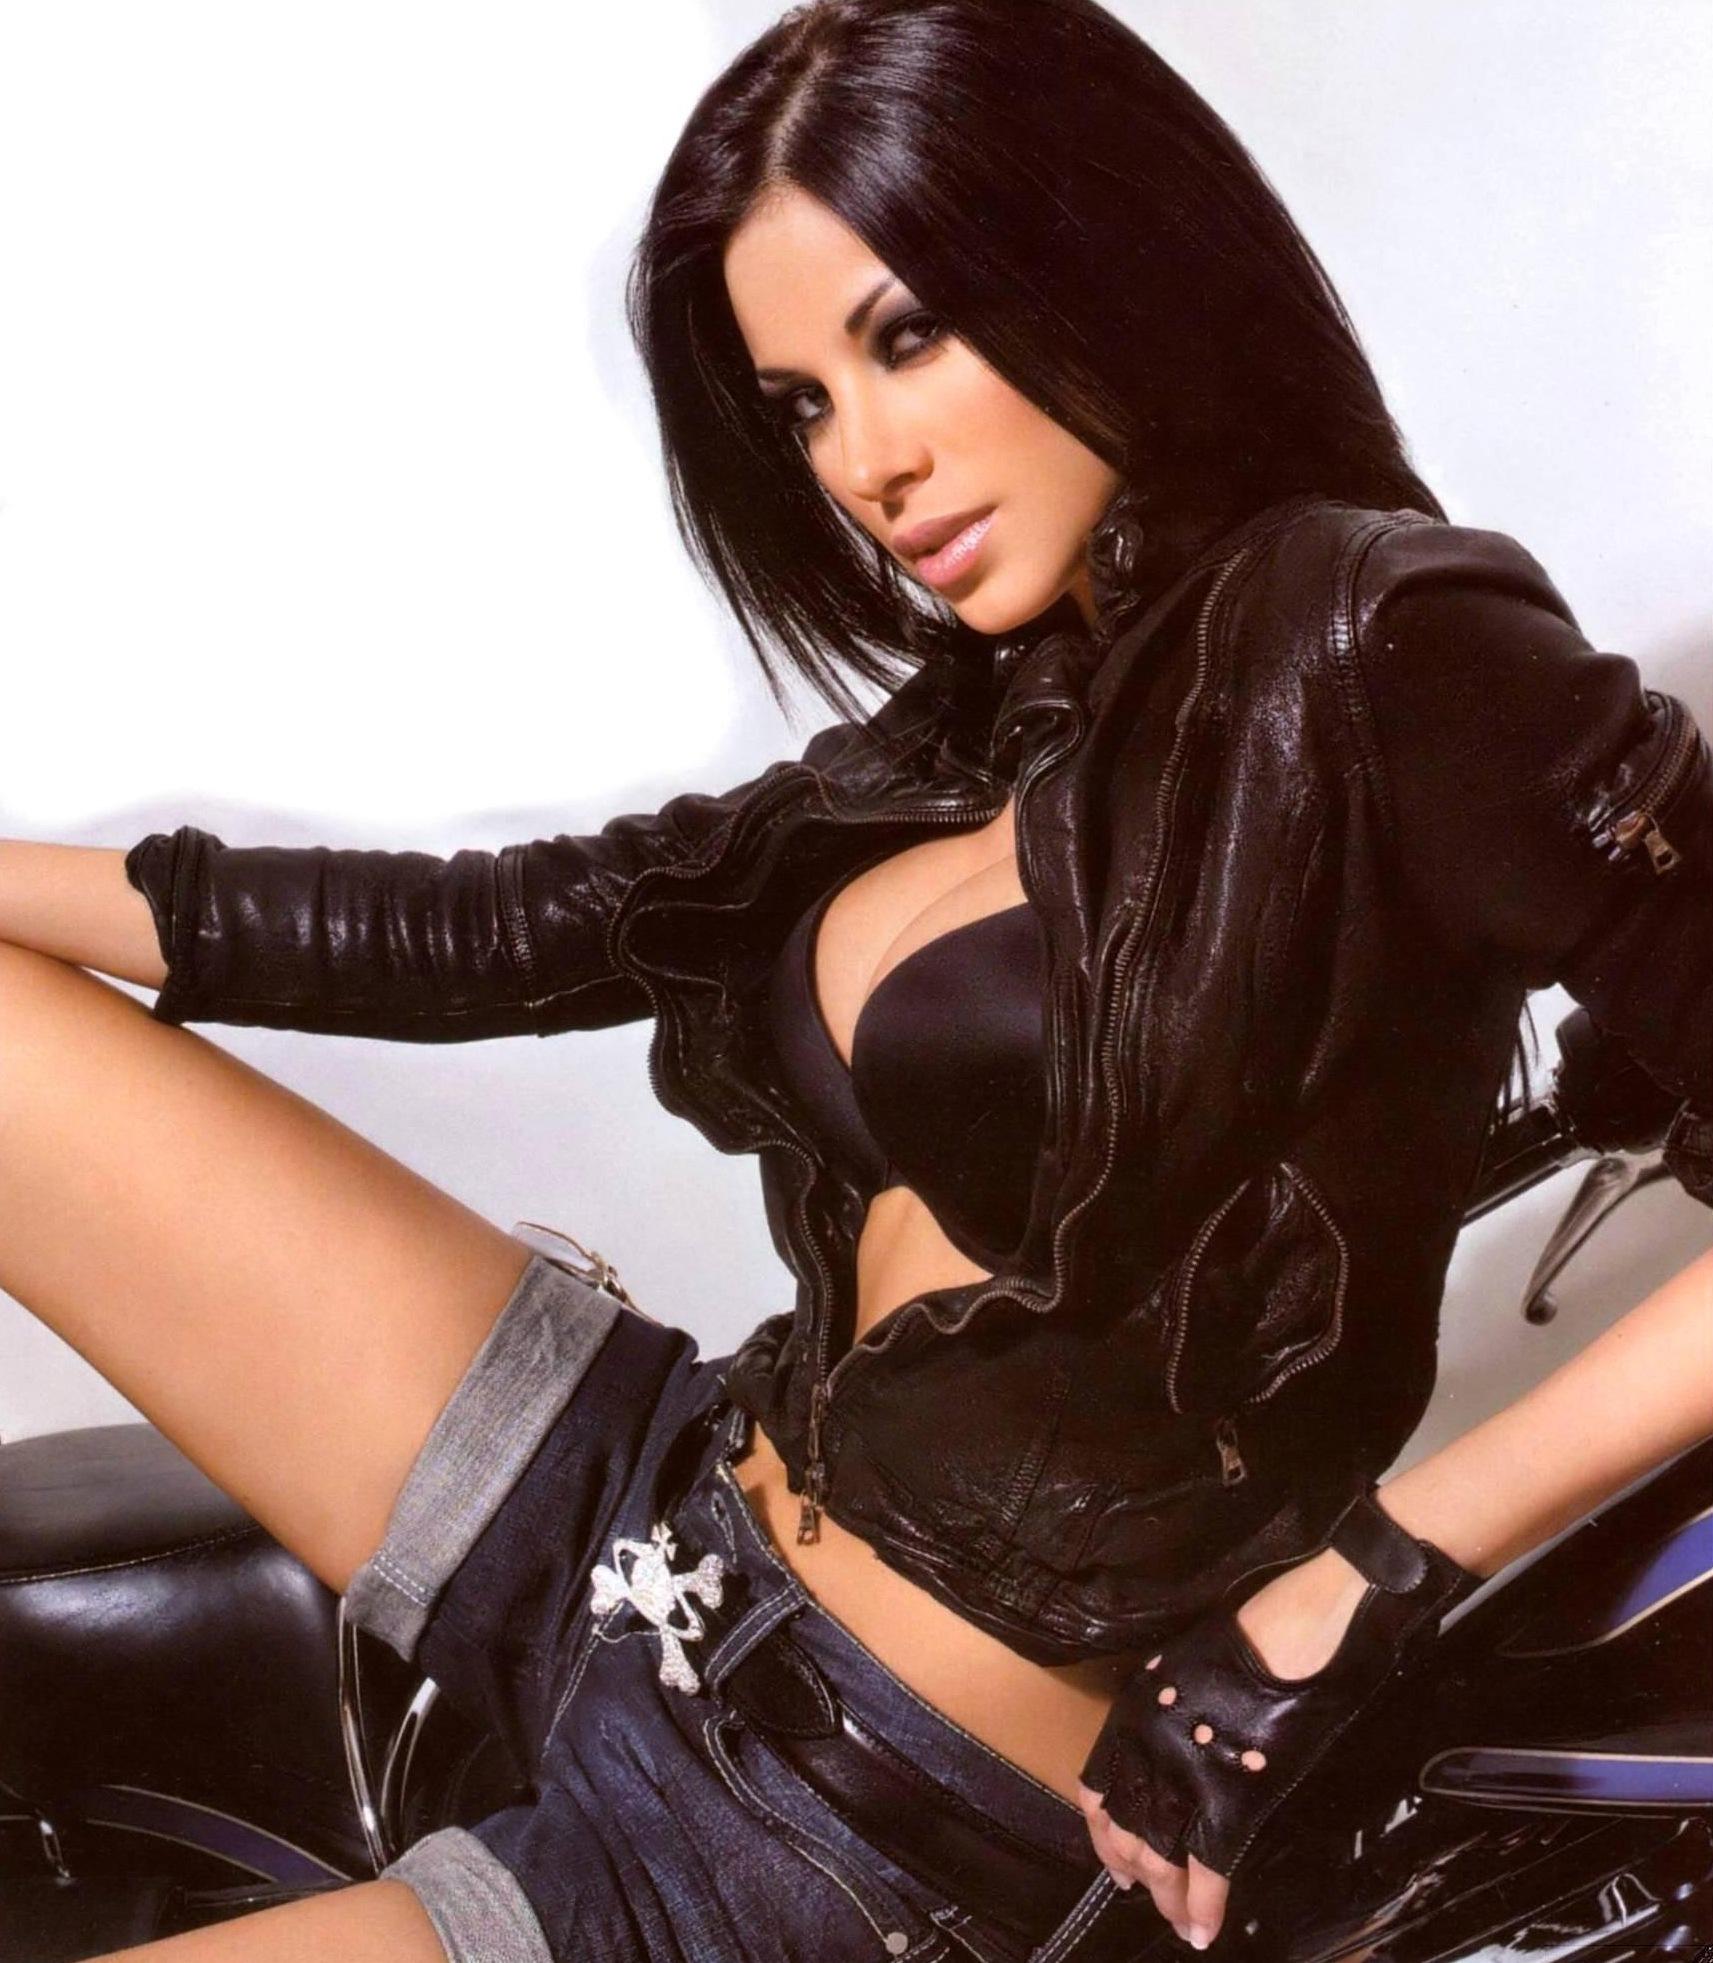 Красивые возбужденные девушки в кожаных сексуальных куртках фото